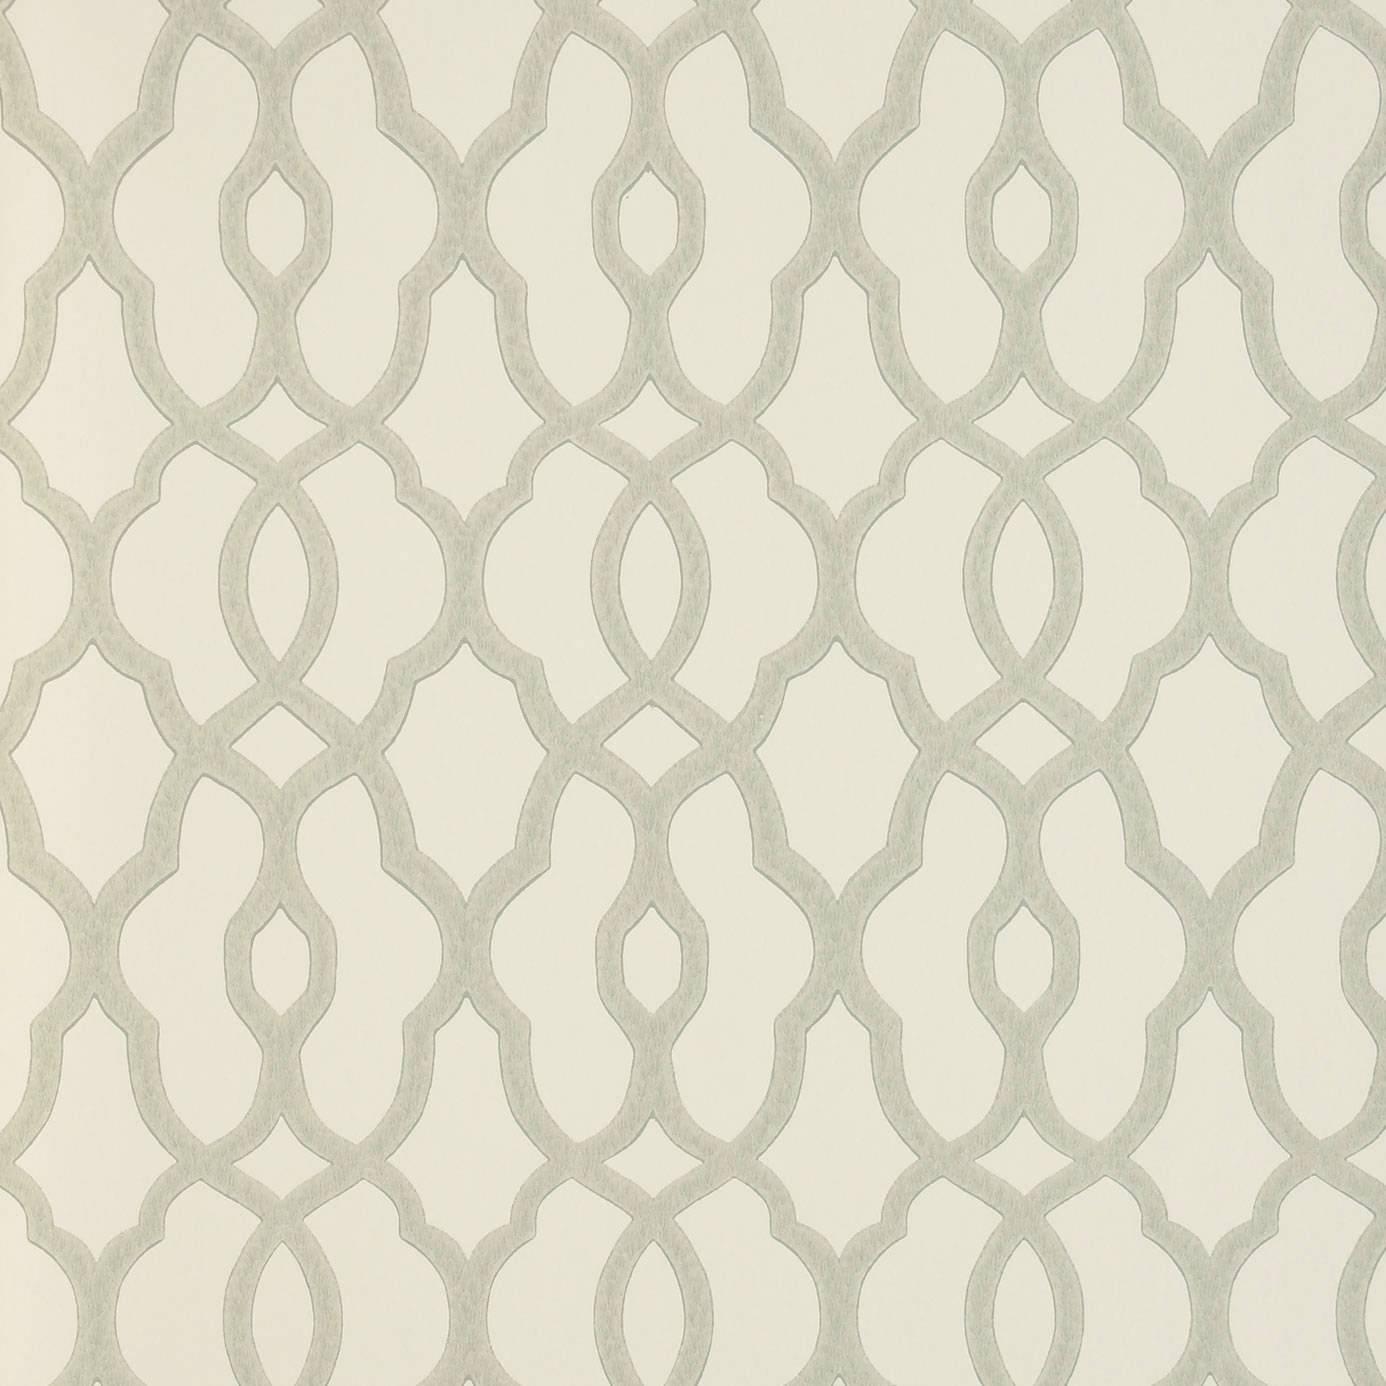 Seagrass Wallpaper 2017 Grasscloth Wallpaper